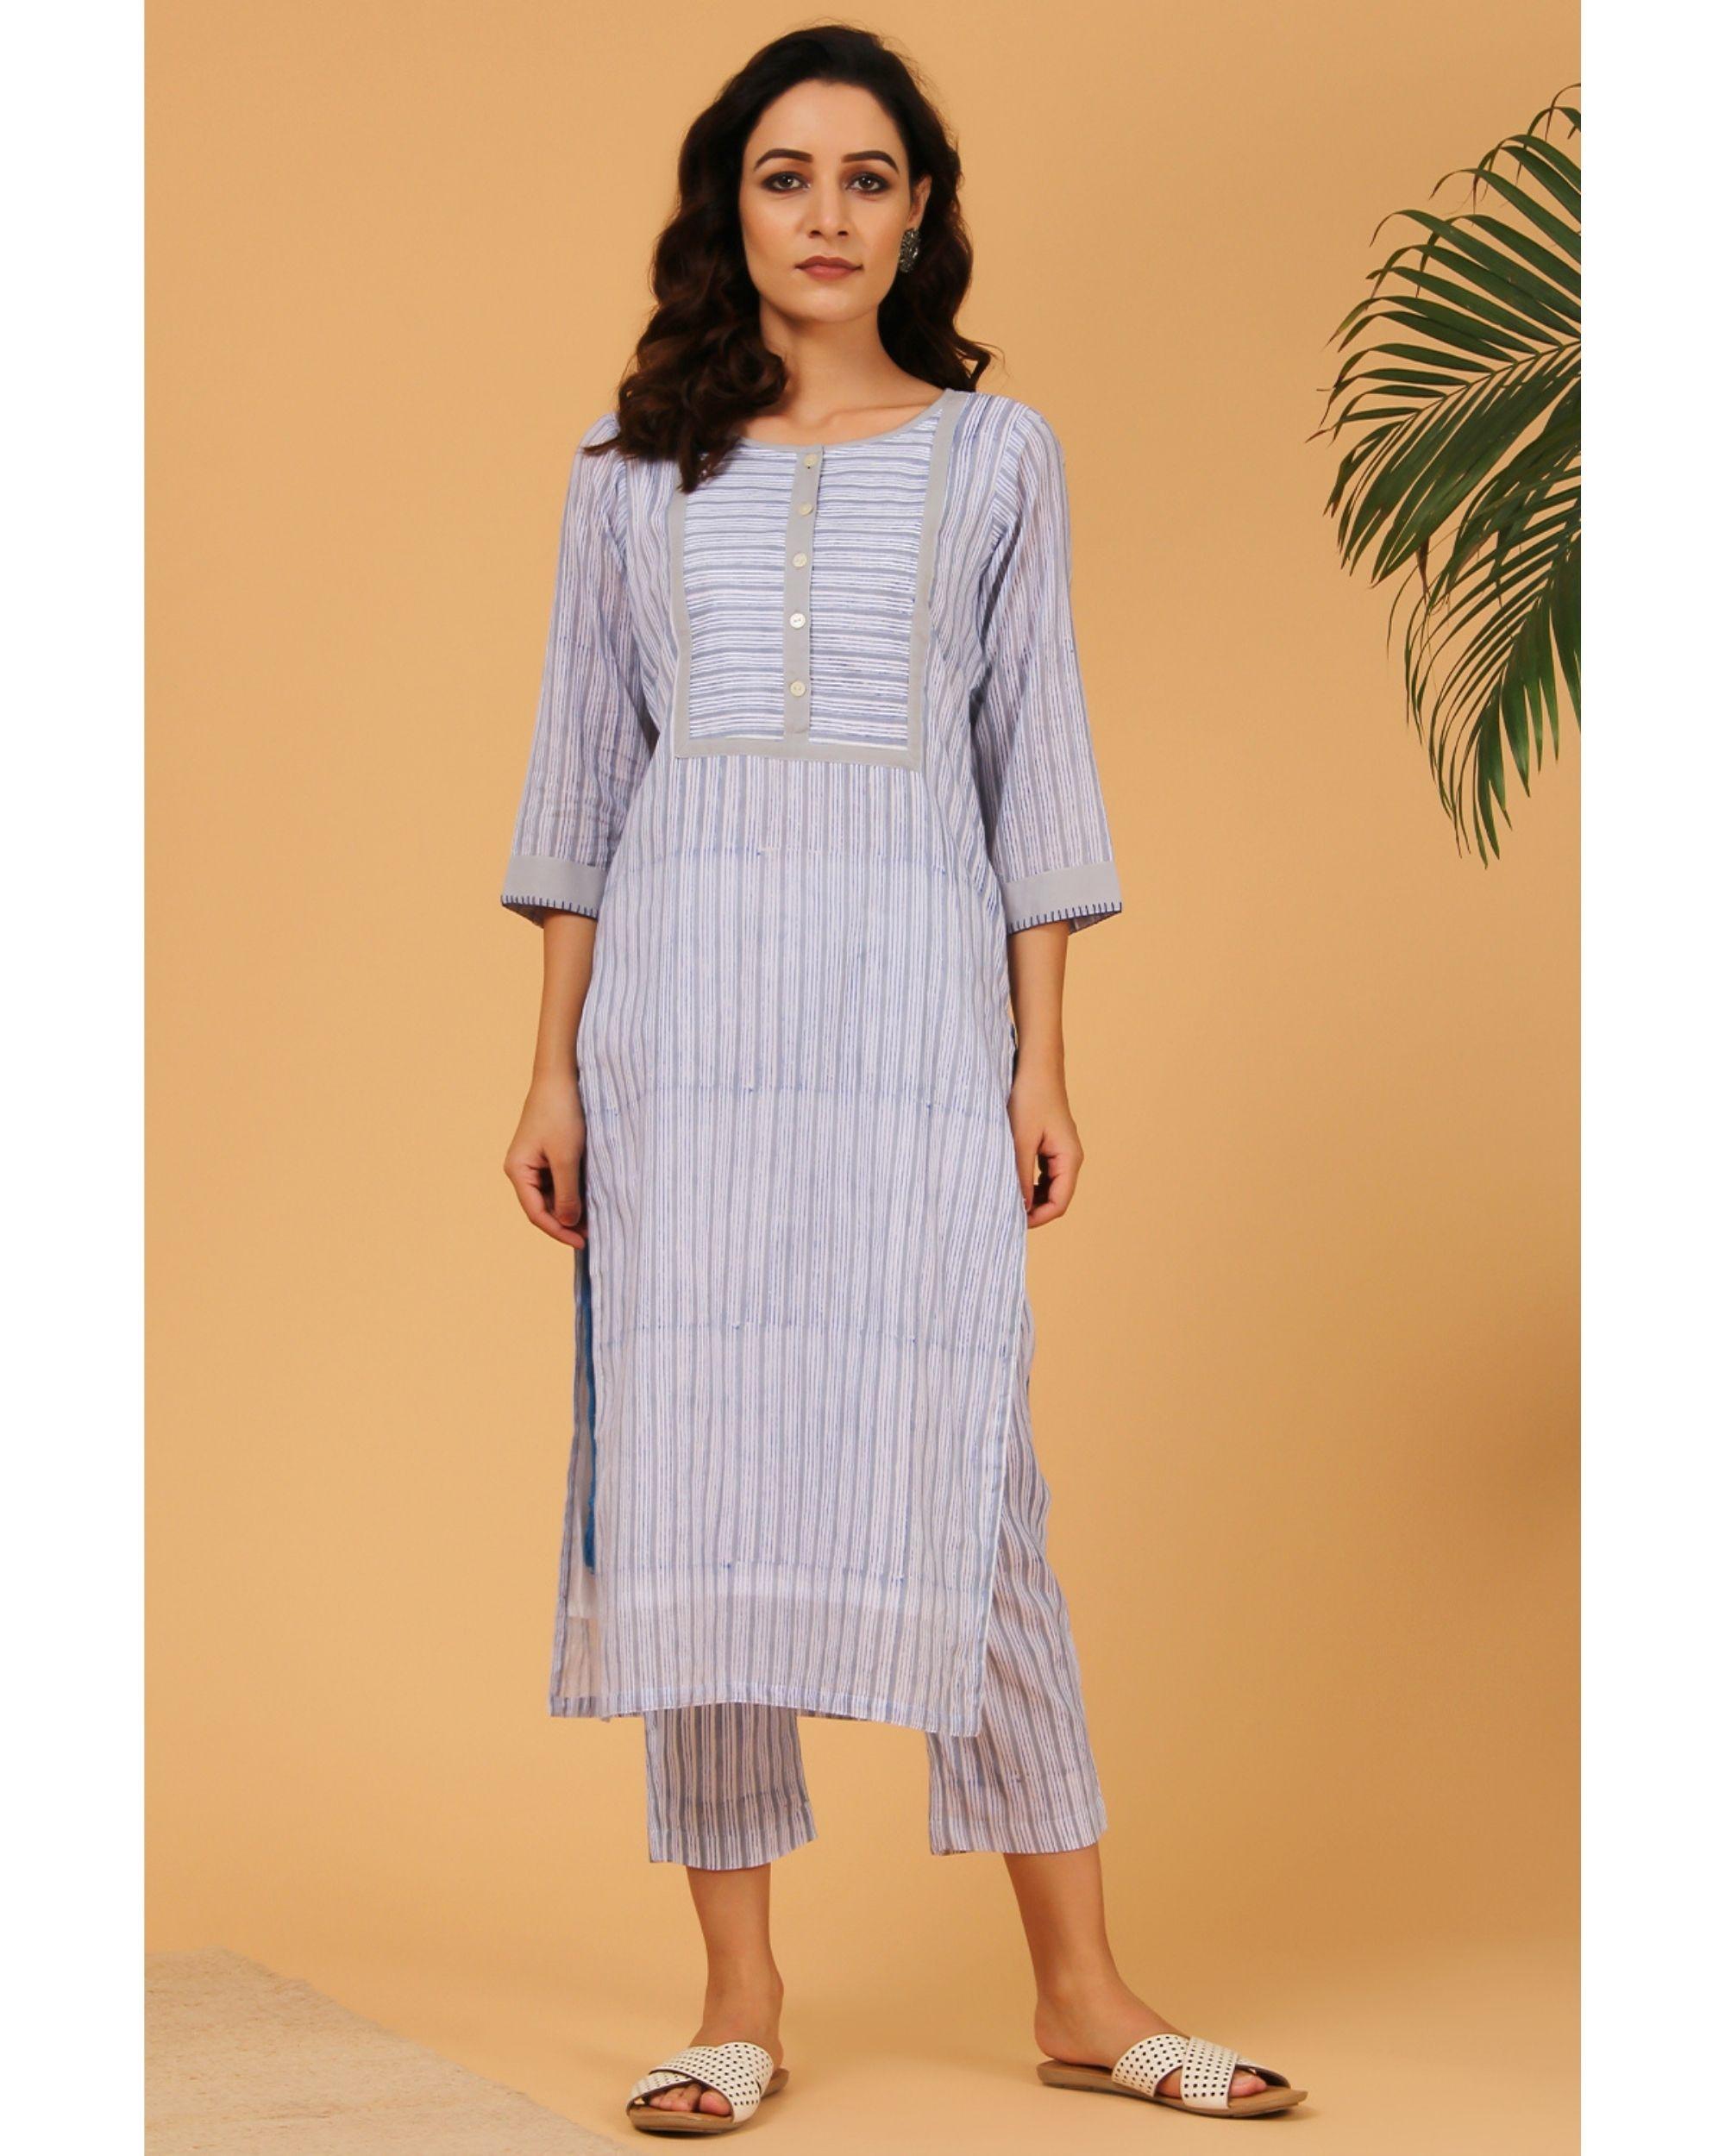 Blue and grey striped yoke kurta and pants - Set Of Two